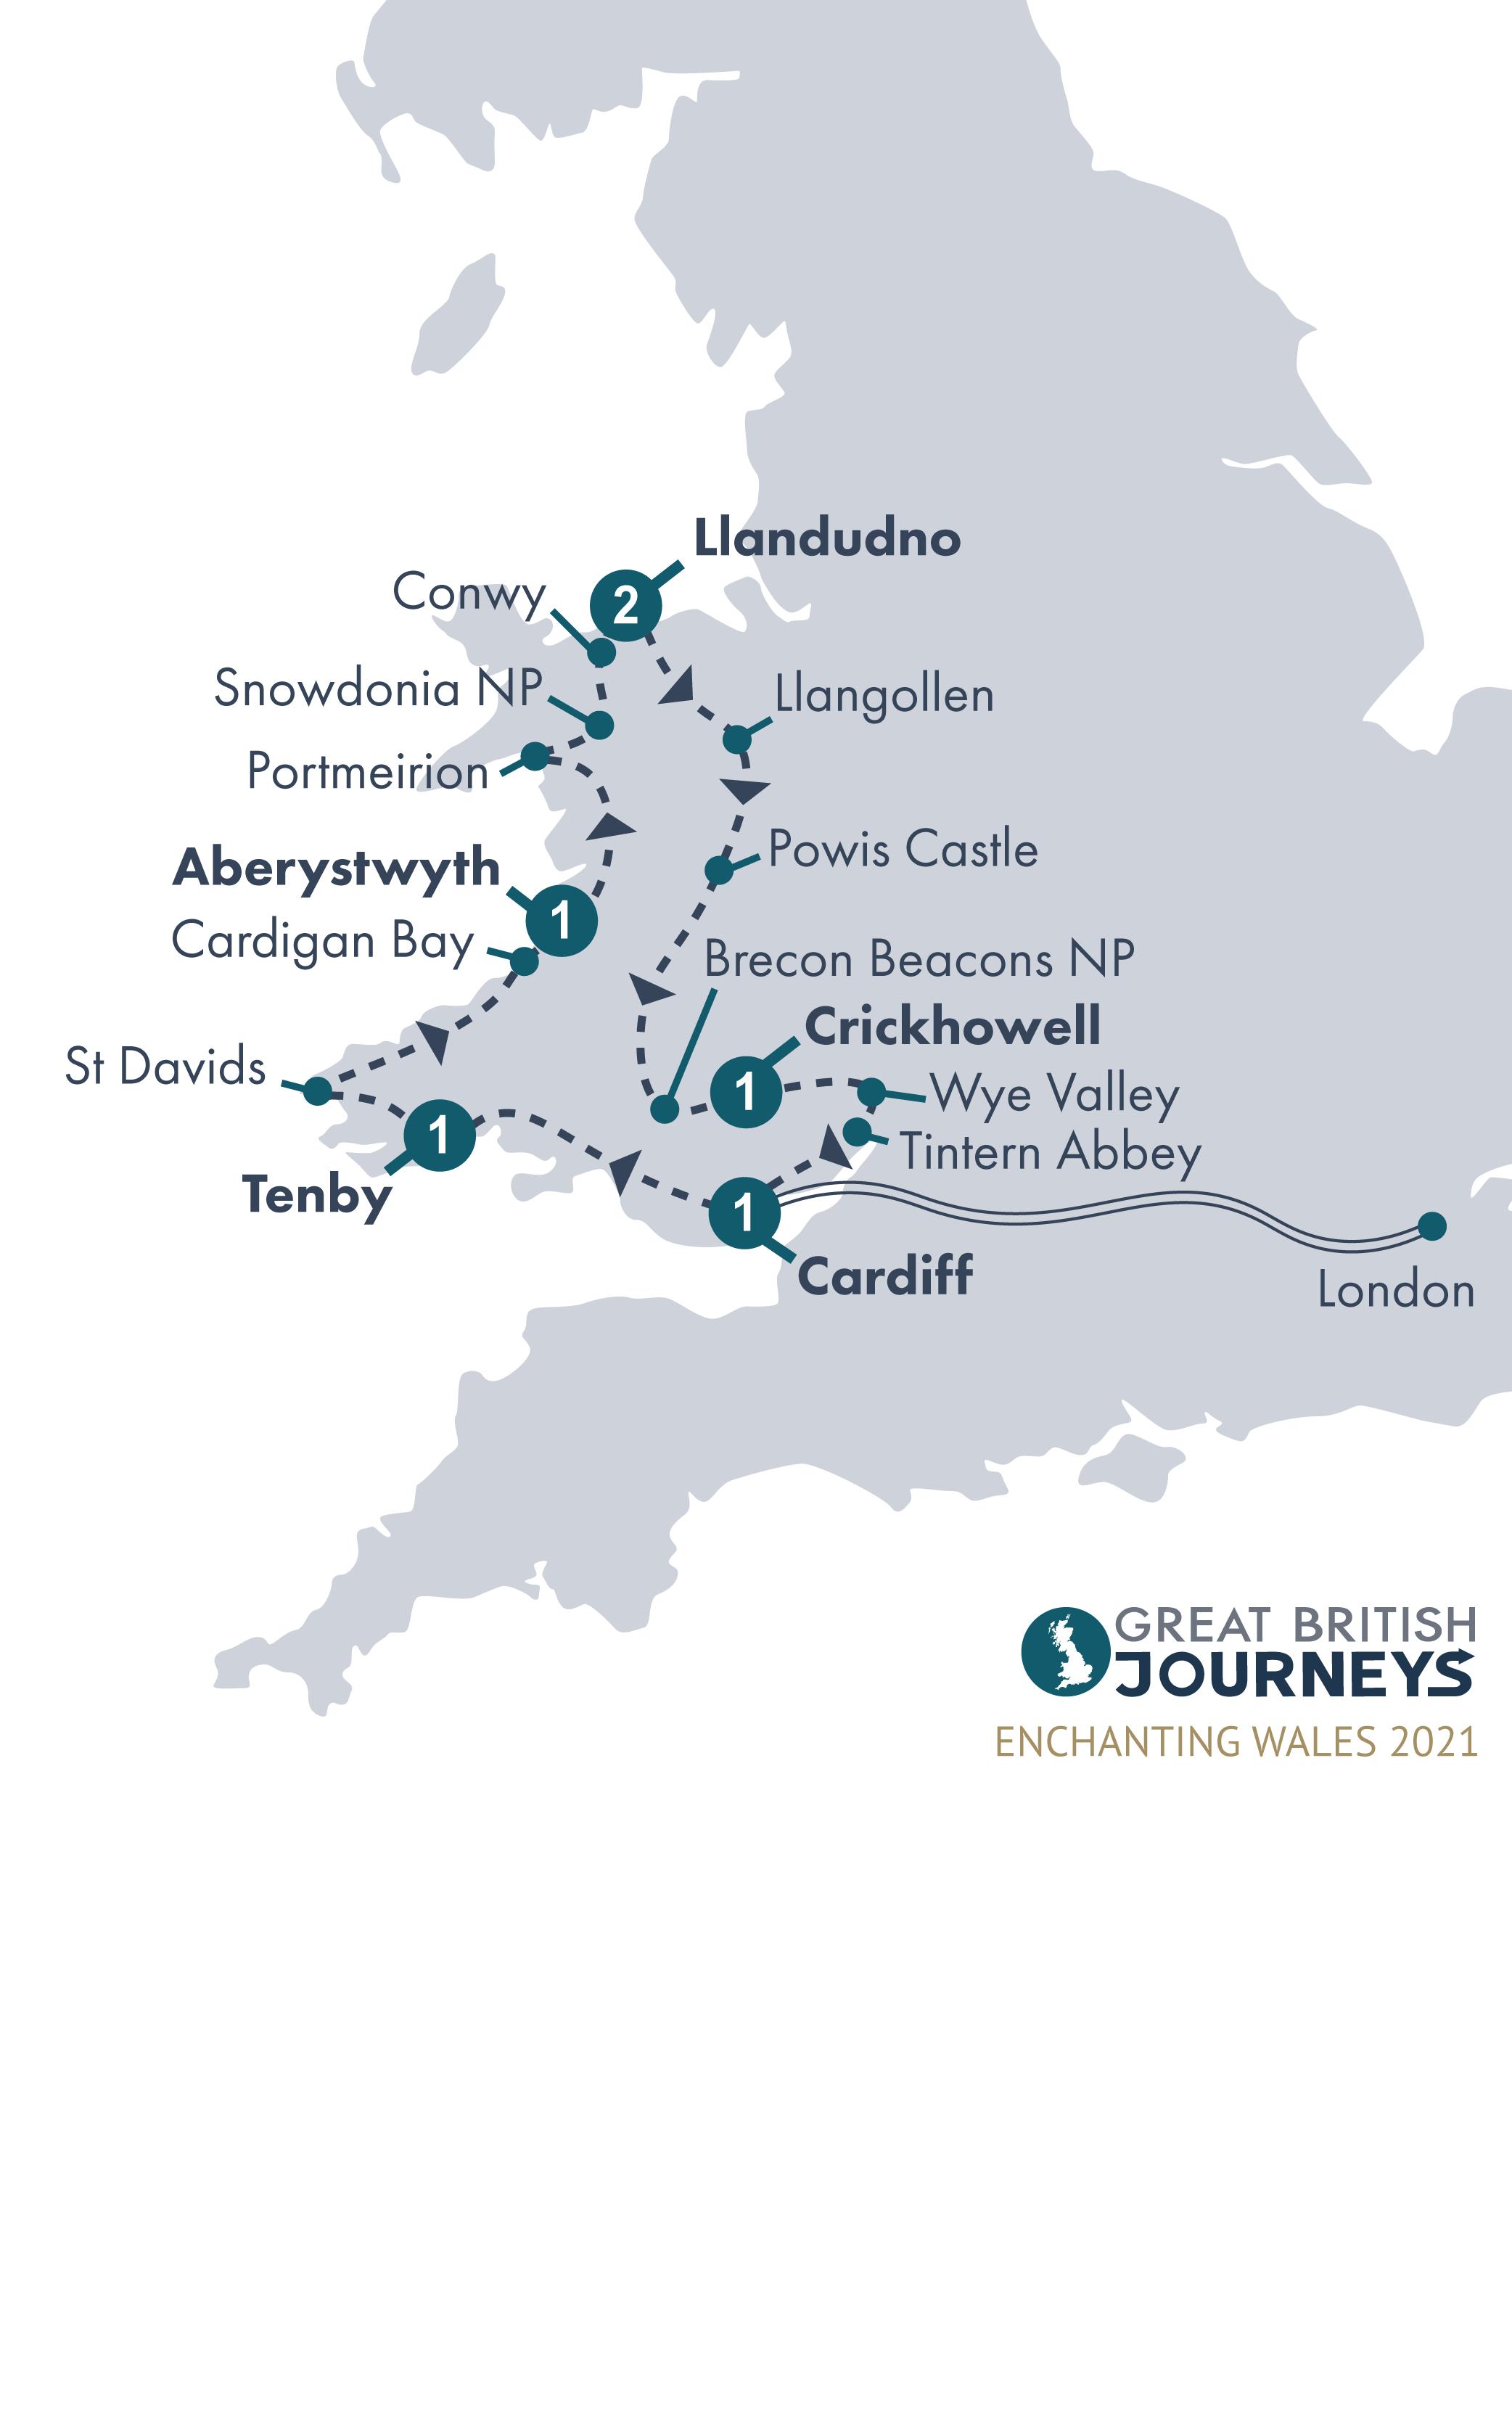 Map - Enchanting Wales 2021